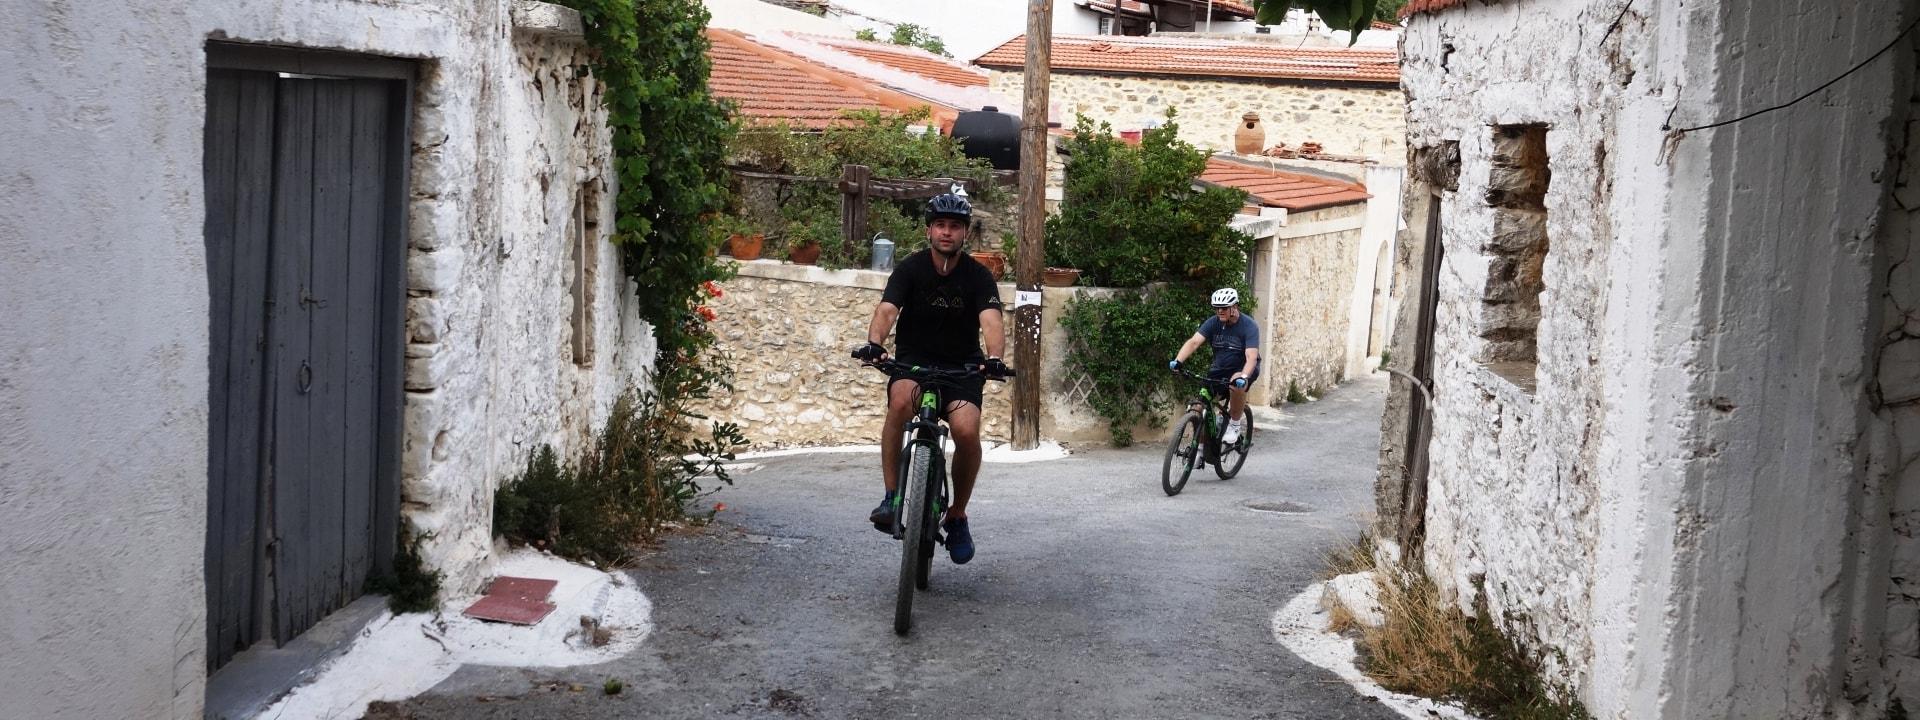 aposelemis ebike tour crete small village street